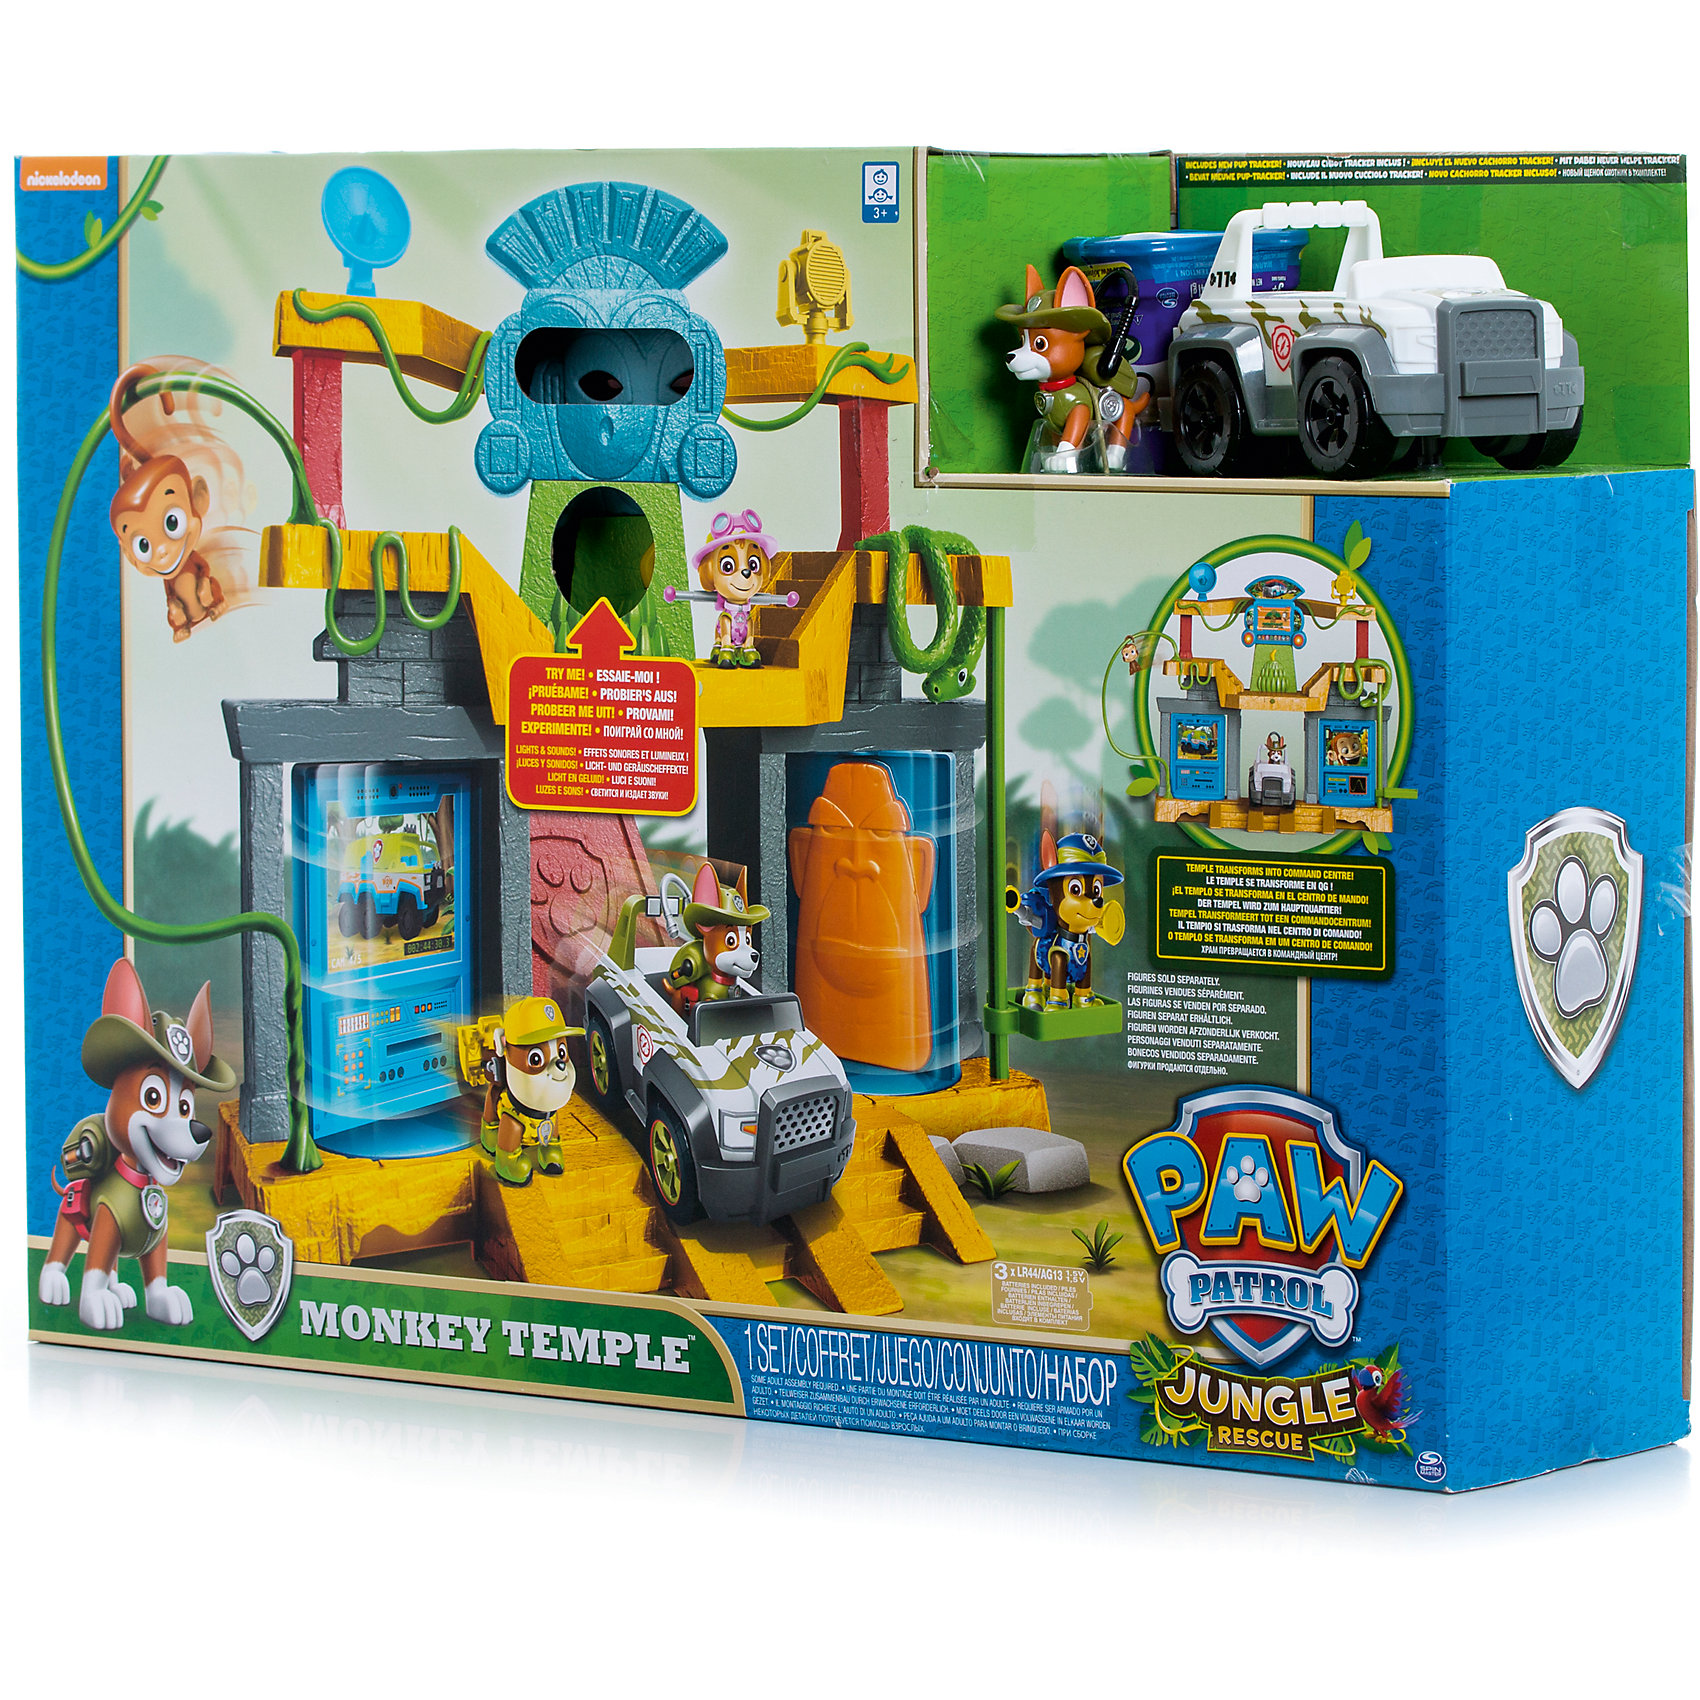 Игрушка Штаб спасателей в джунглях, Щенячий патруль, Spin MasterИгрушки<br>Характеристики товара:<br><br>• возраст от 3 лет;<br>• материал: пластик;<br>• в комплекте: фигурка щенка, обезьянка, автомобиль, подвижные стены, крутящийся камень, трапы;<br>• работает от 3 батареек LR44 (в комплект не входят);<br>• размер упаковки 58х40х13 см;<br>• страна производитель: Китай.<br><br>Игрушка «Штаб спасателей в джунглях» Щенячий патруль Spin Master создана по мотивам известного мультфильма «Щенячий патруль» про отважных щенков-спасателей. <br><br>Игрушка выполнена в виде большого храма в джунглях, обвитого лианами. Чтобы подняться на 2 этаж храма, надо пройти на специальный подъемник. На вершине храма расположился большой тотем в виде обезьяны. Нажав на банан, тотем начнет издавать звуки, а глаза засверкают. <br><br>Храм может превращаться в командный центр щенков-спасателей. Достаточно лишь повернуть переключатель, и храм превратиться в центр с изображениями и табличками любимых персонажей. В комплекте фигурка Трекера с рюкзачком на спине и его машина, на которой он отправляется на важные задания.<br><br>Игрушку «Штаб спасателей в джунглях» Щенячий патруль Spin Master можно приобрести в нашем интернет-магазине.<br><br>Ширина мм: 590<br>Глубина мм: 130<br>Высота мм: 410<br>Вес г: 2500<br>Возраст от месяцев: 36<br>Возраст до месяцев: 2147483647<br>Пол: Унисекс<br>Возраст: Детский<br>SKU: 6728778